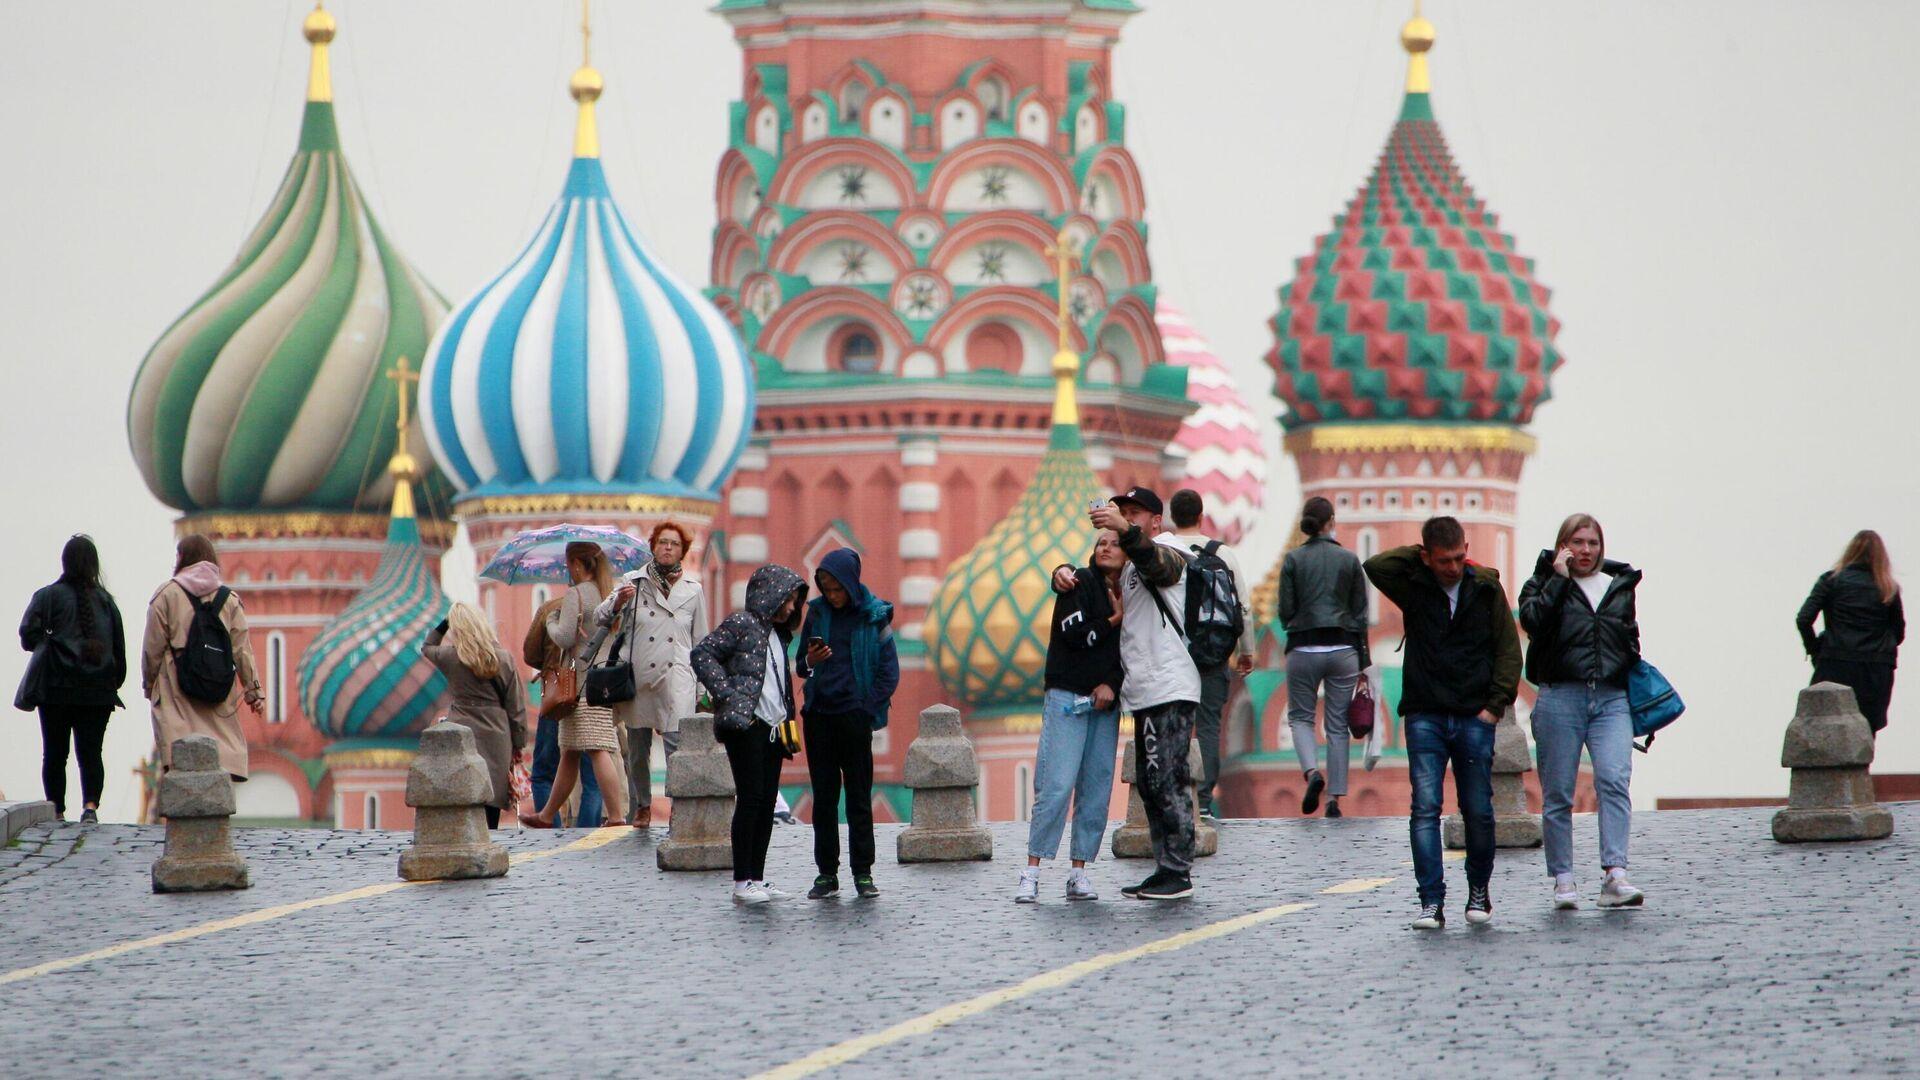 Люди на Красной площади в Москве - РИА Новости, 1920, 17.10.2020